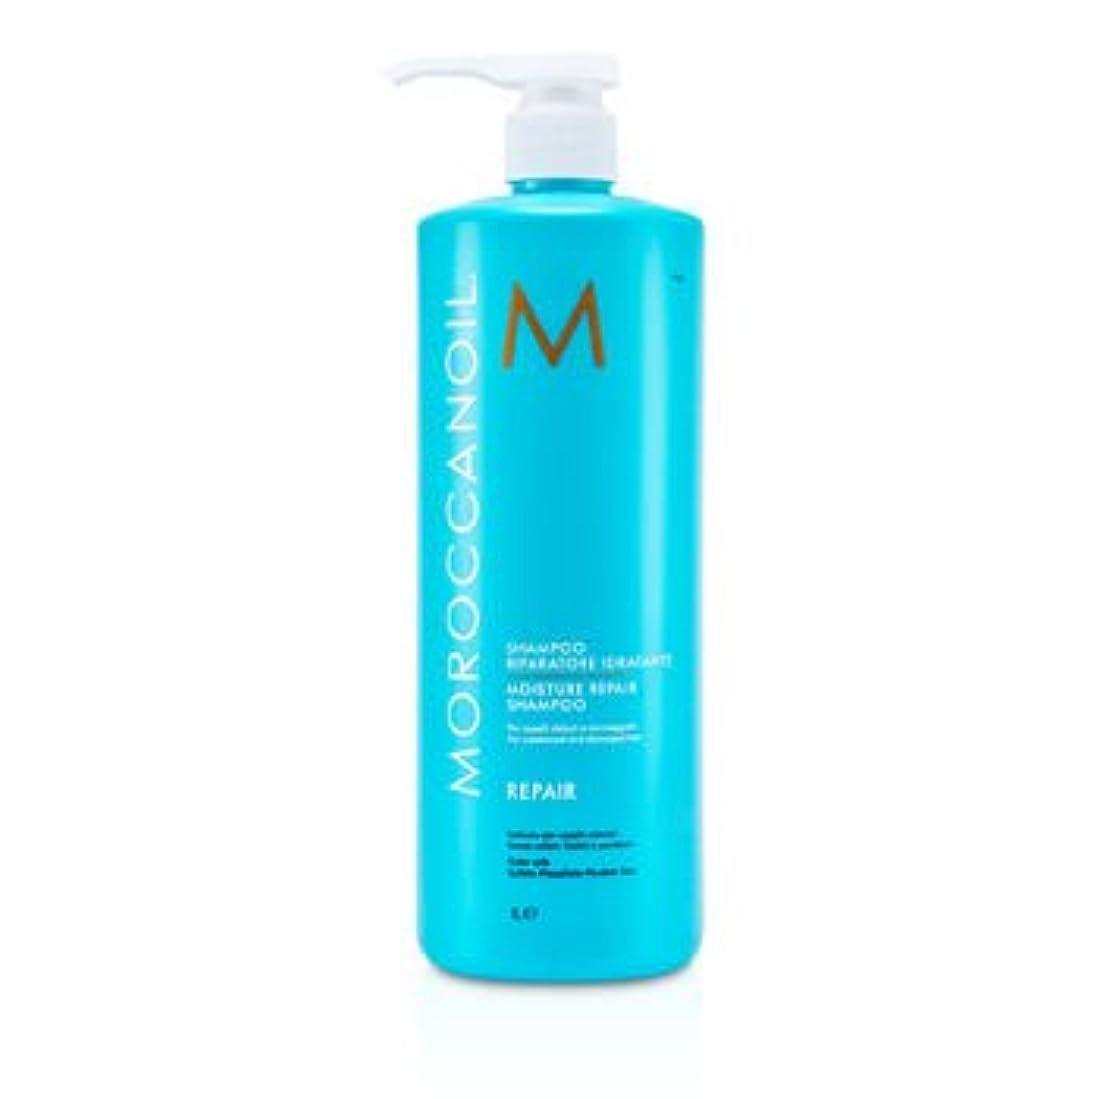 シェア主静めるモロッカンオイル モイスチャーリペアシャンプー (カラー/ケミカリーダメージドヘア) 1000ml/33.8oz並行輸入品